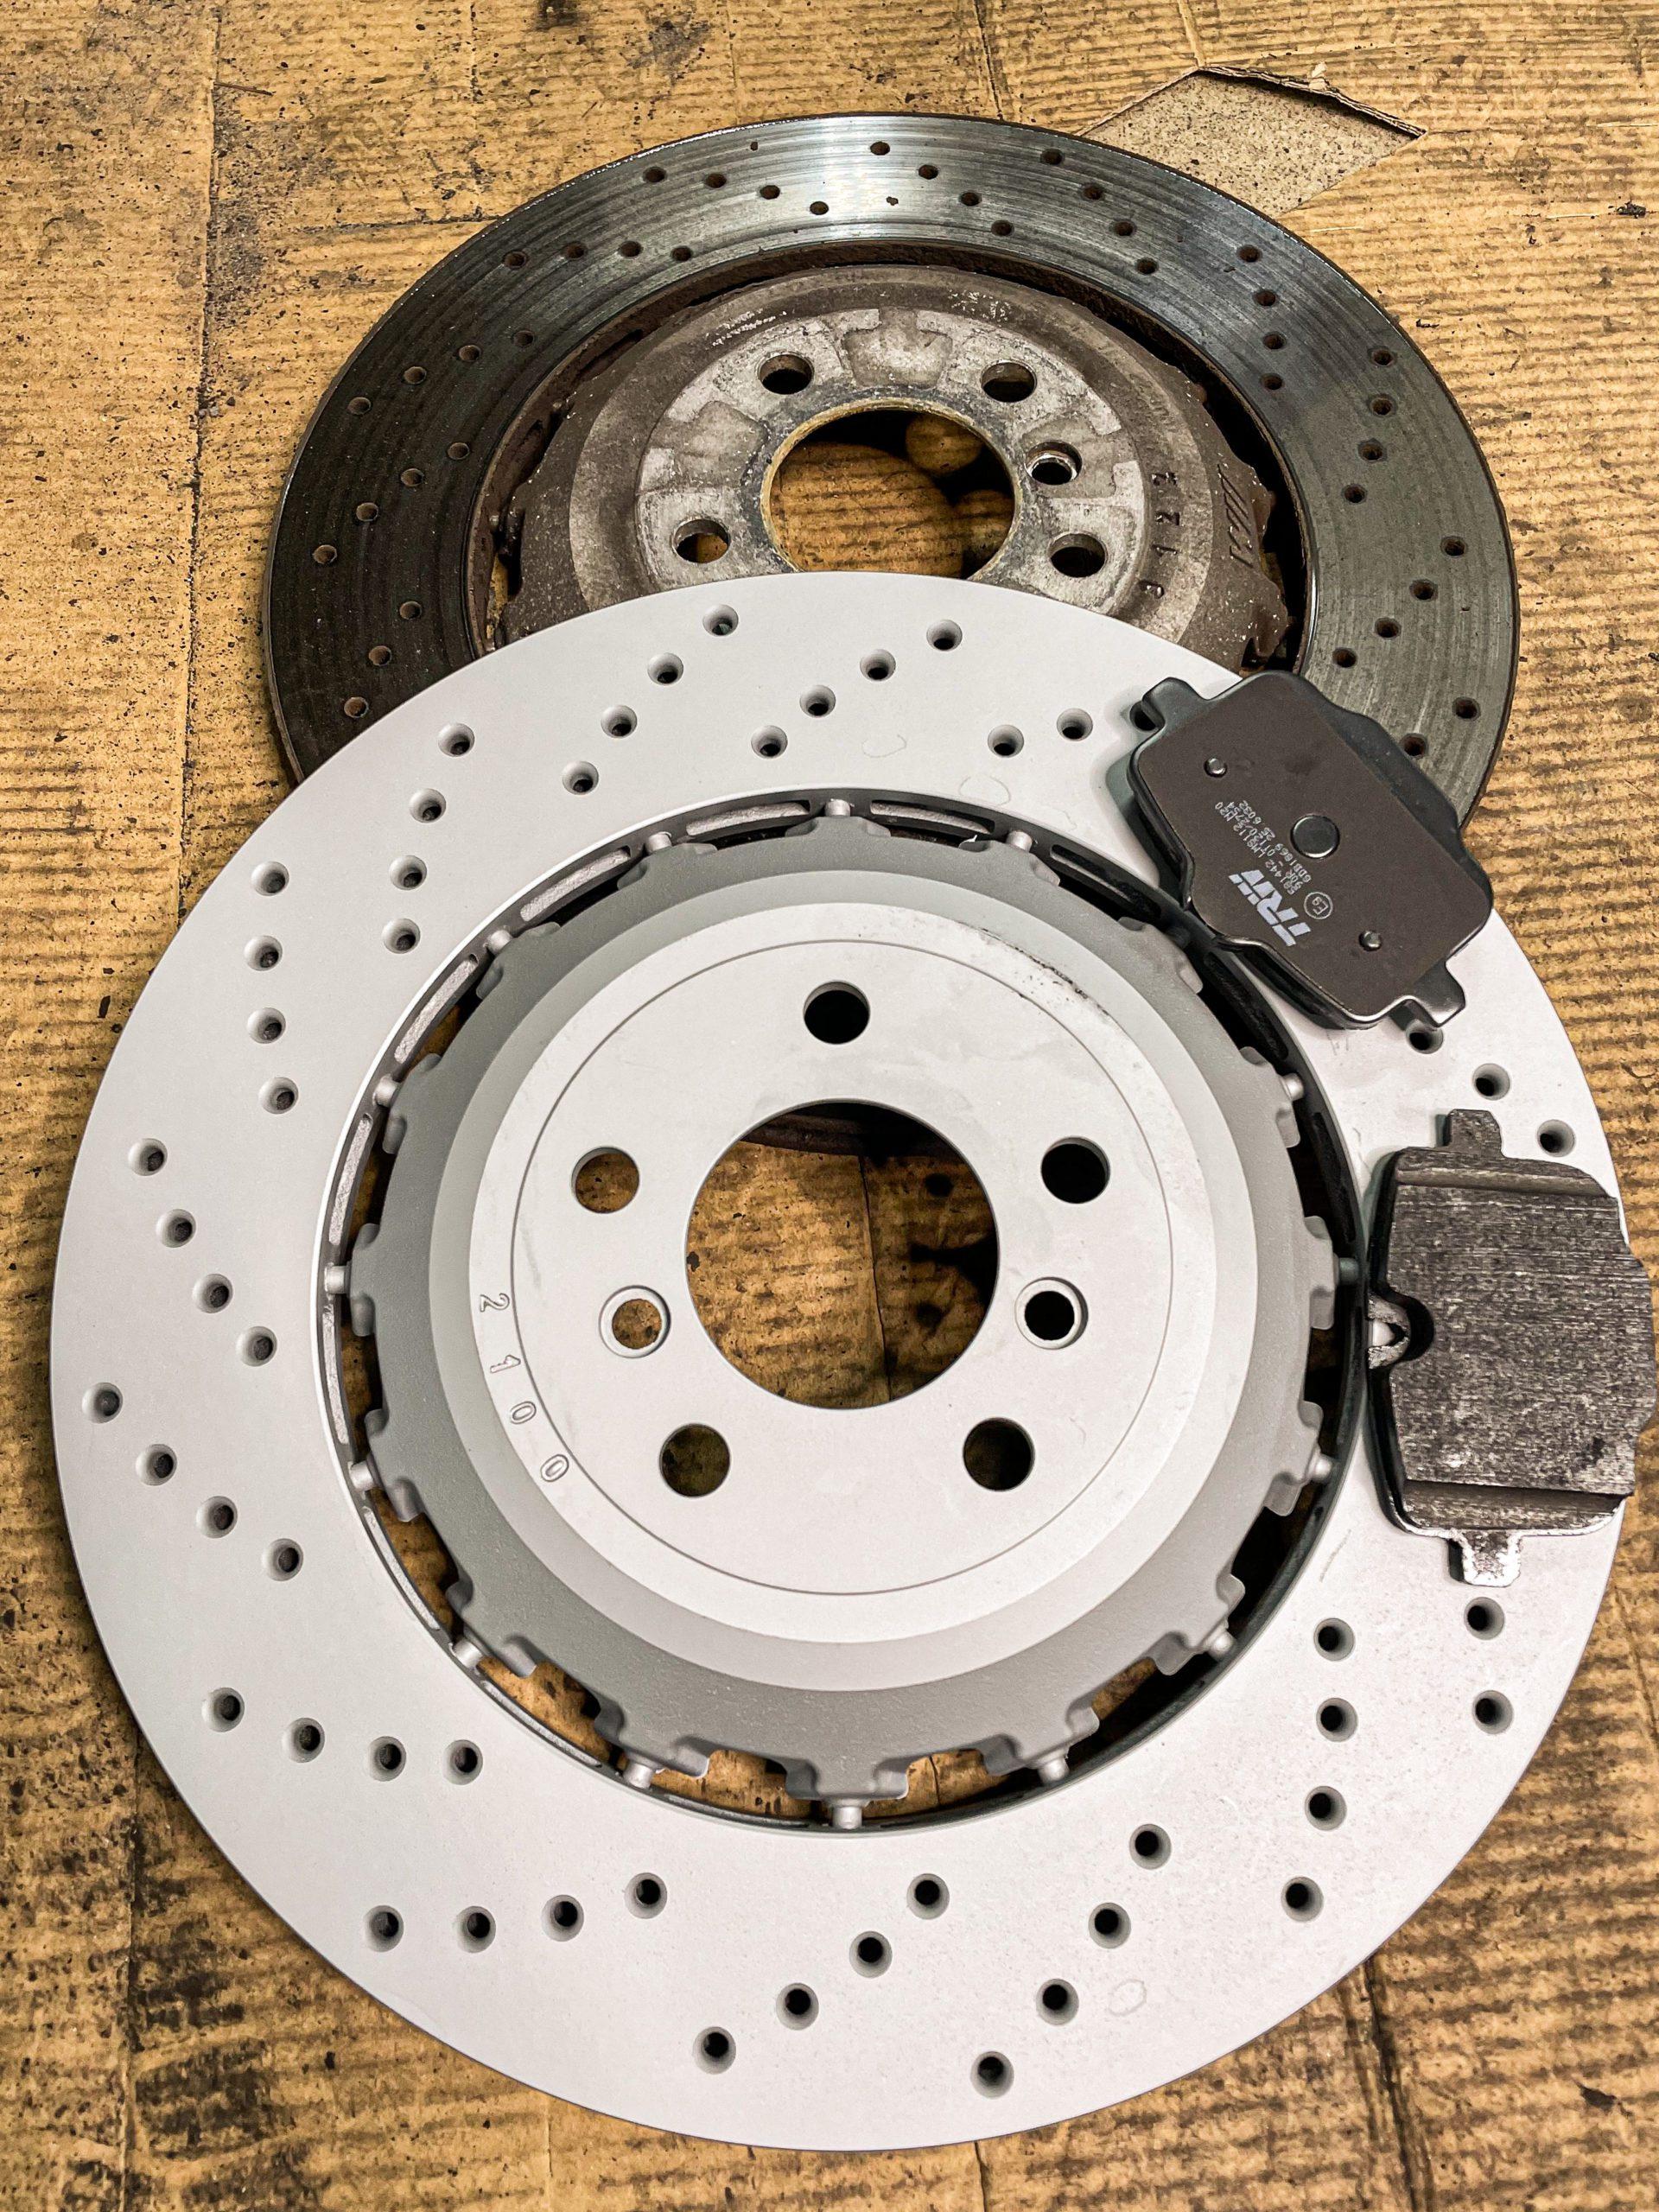 Bremsbeläge - Bremsscheiben – Schneider Kraftfahrzeug GmbH - Ratingen